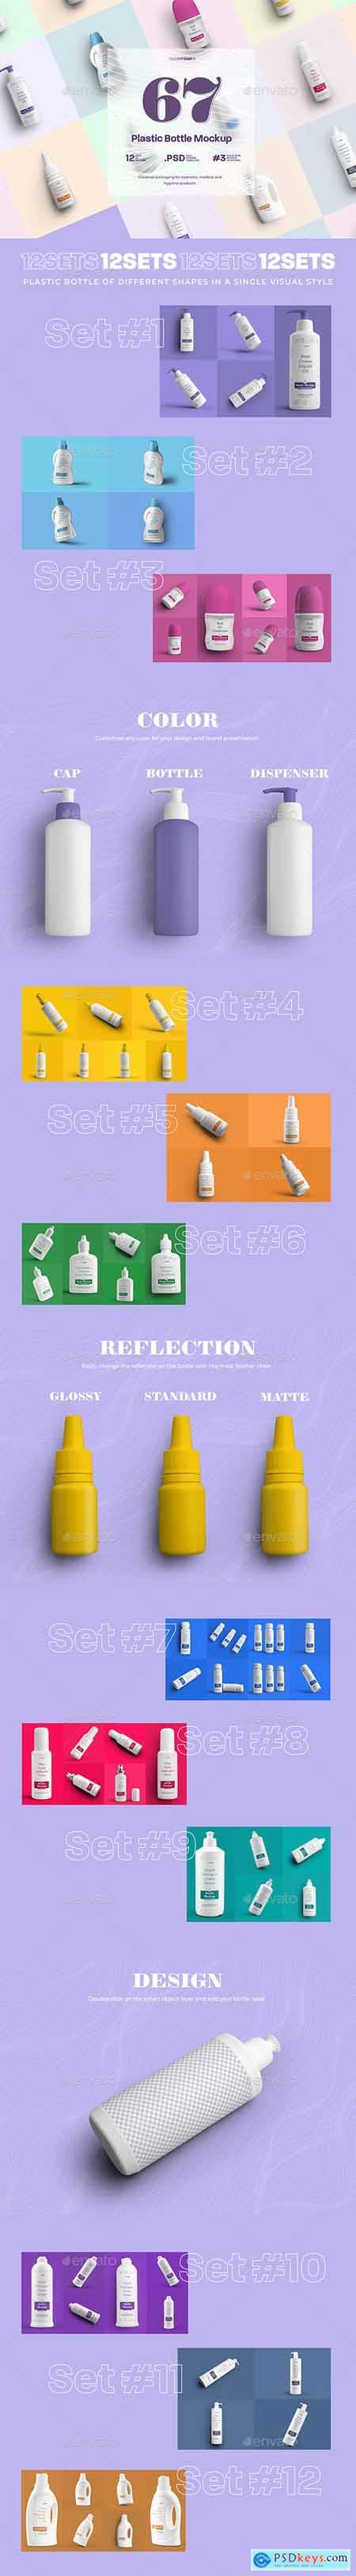 12 Set Mockup of Plastic Bottles ( 67 mockup ) 29704349